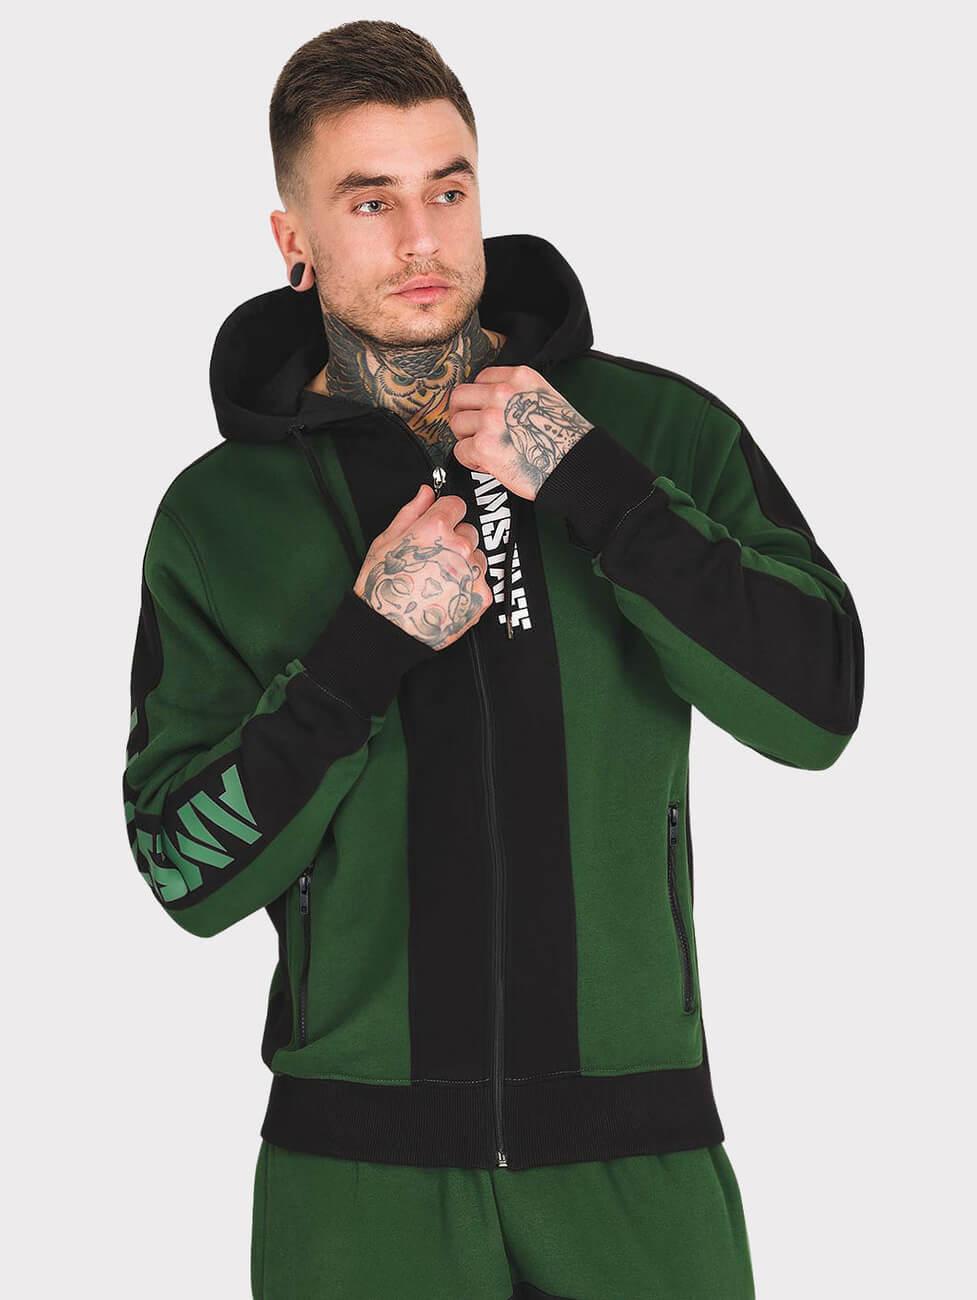 Зеленый спортивный костюм мужской с полосками